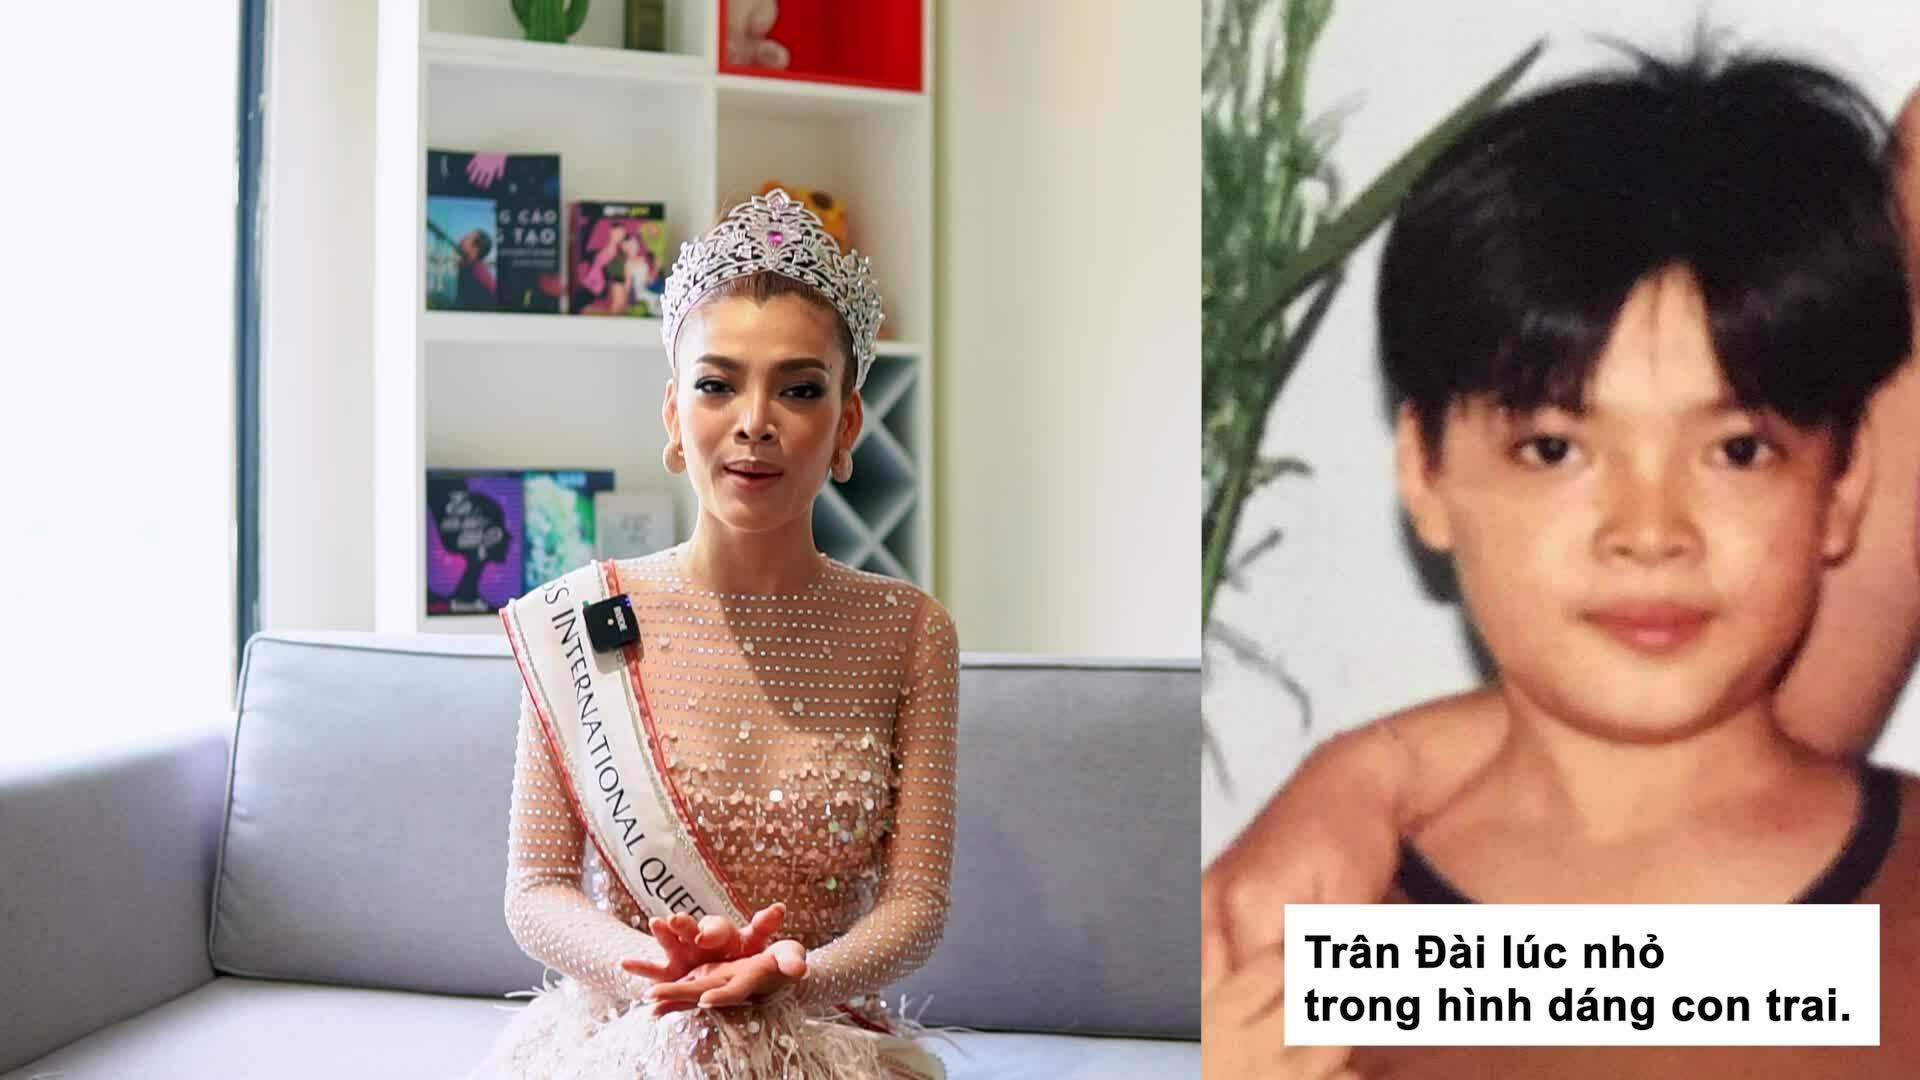 Hoa hậu Trân Đài: 'Sức khỏe tôi sau 25 tuổi yếu dần vì chuyển giới'